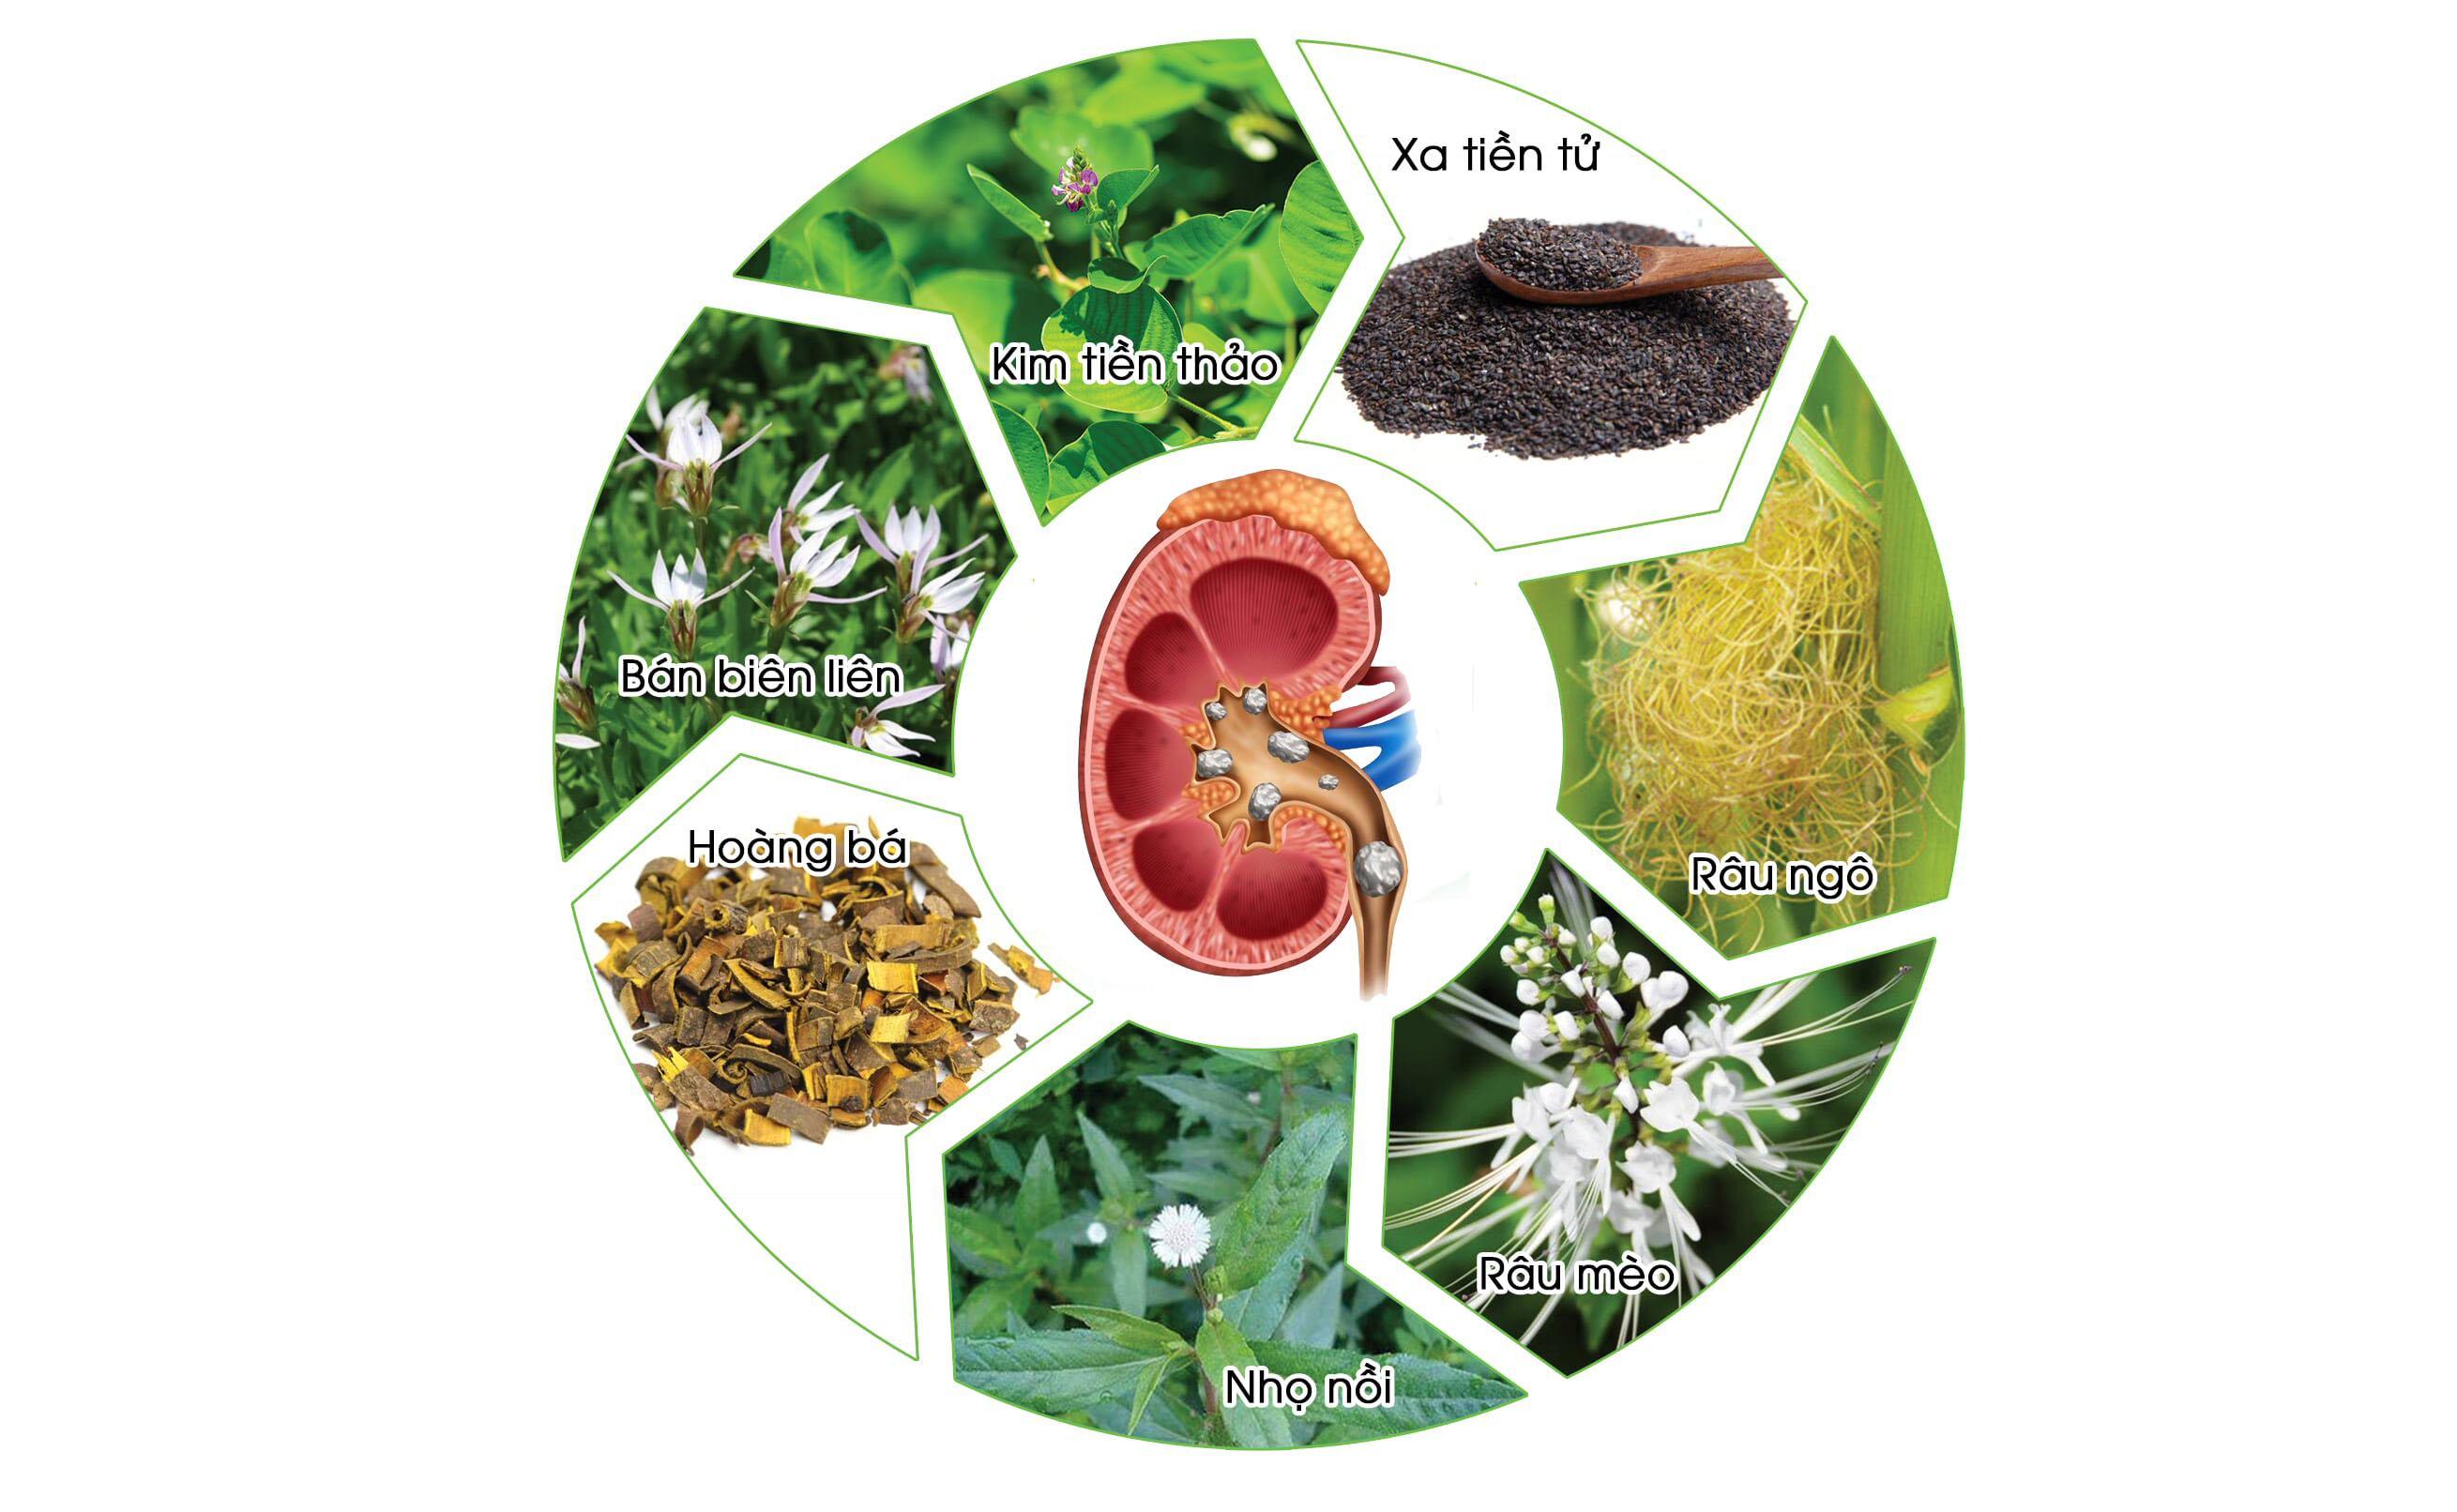 7 thảo dược quý dành cho người bệnh sỏi thận, sỏi tiết niệu